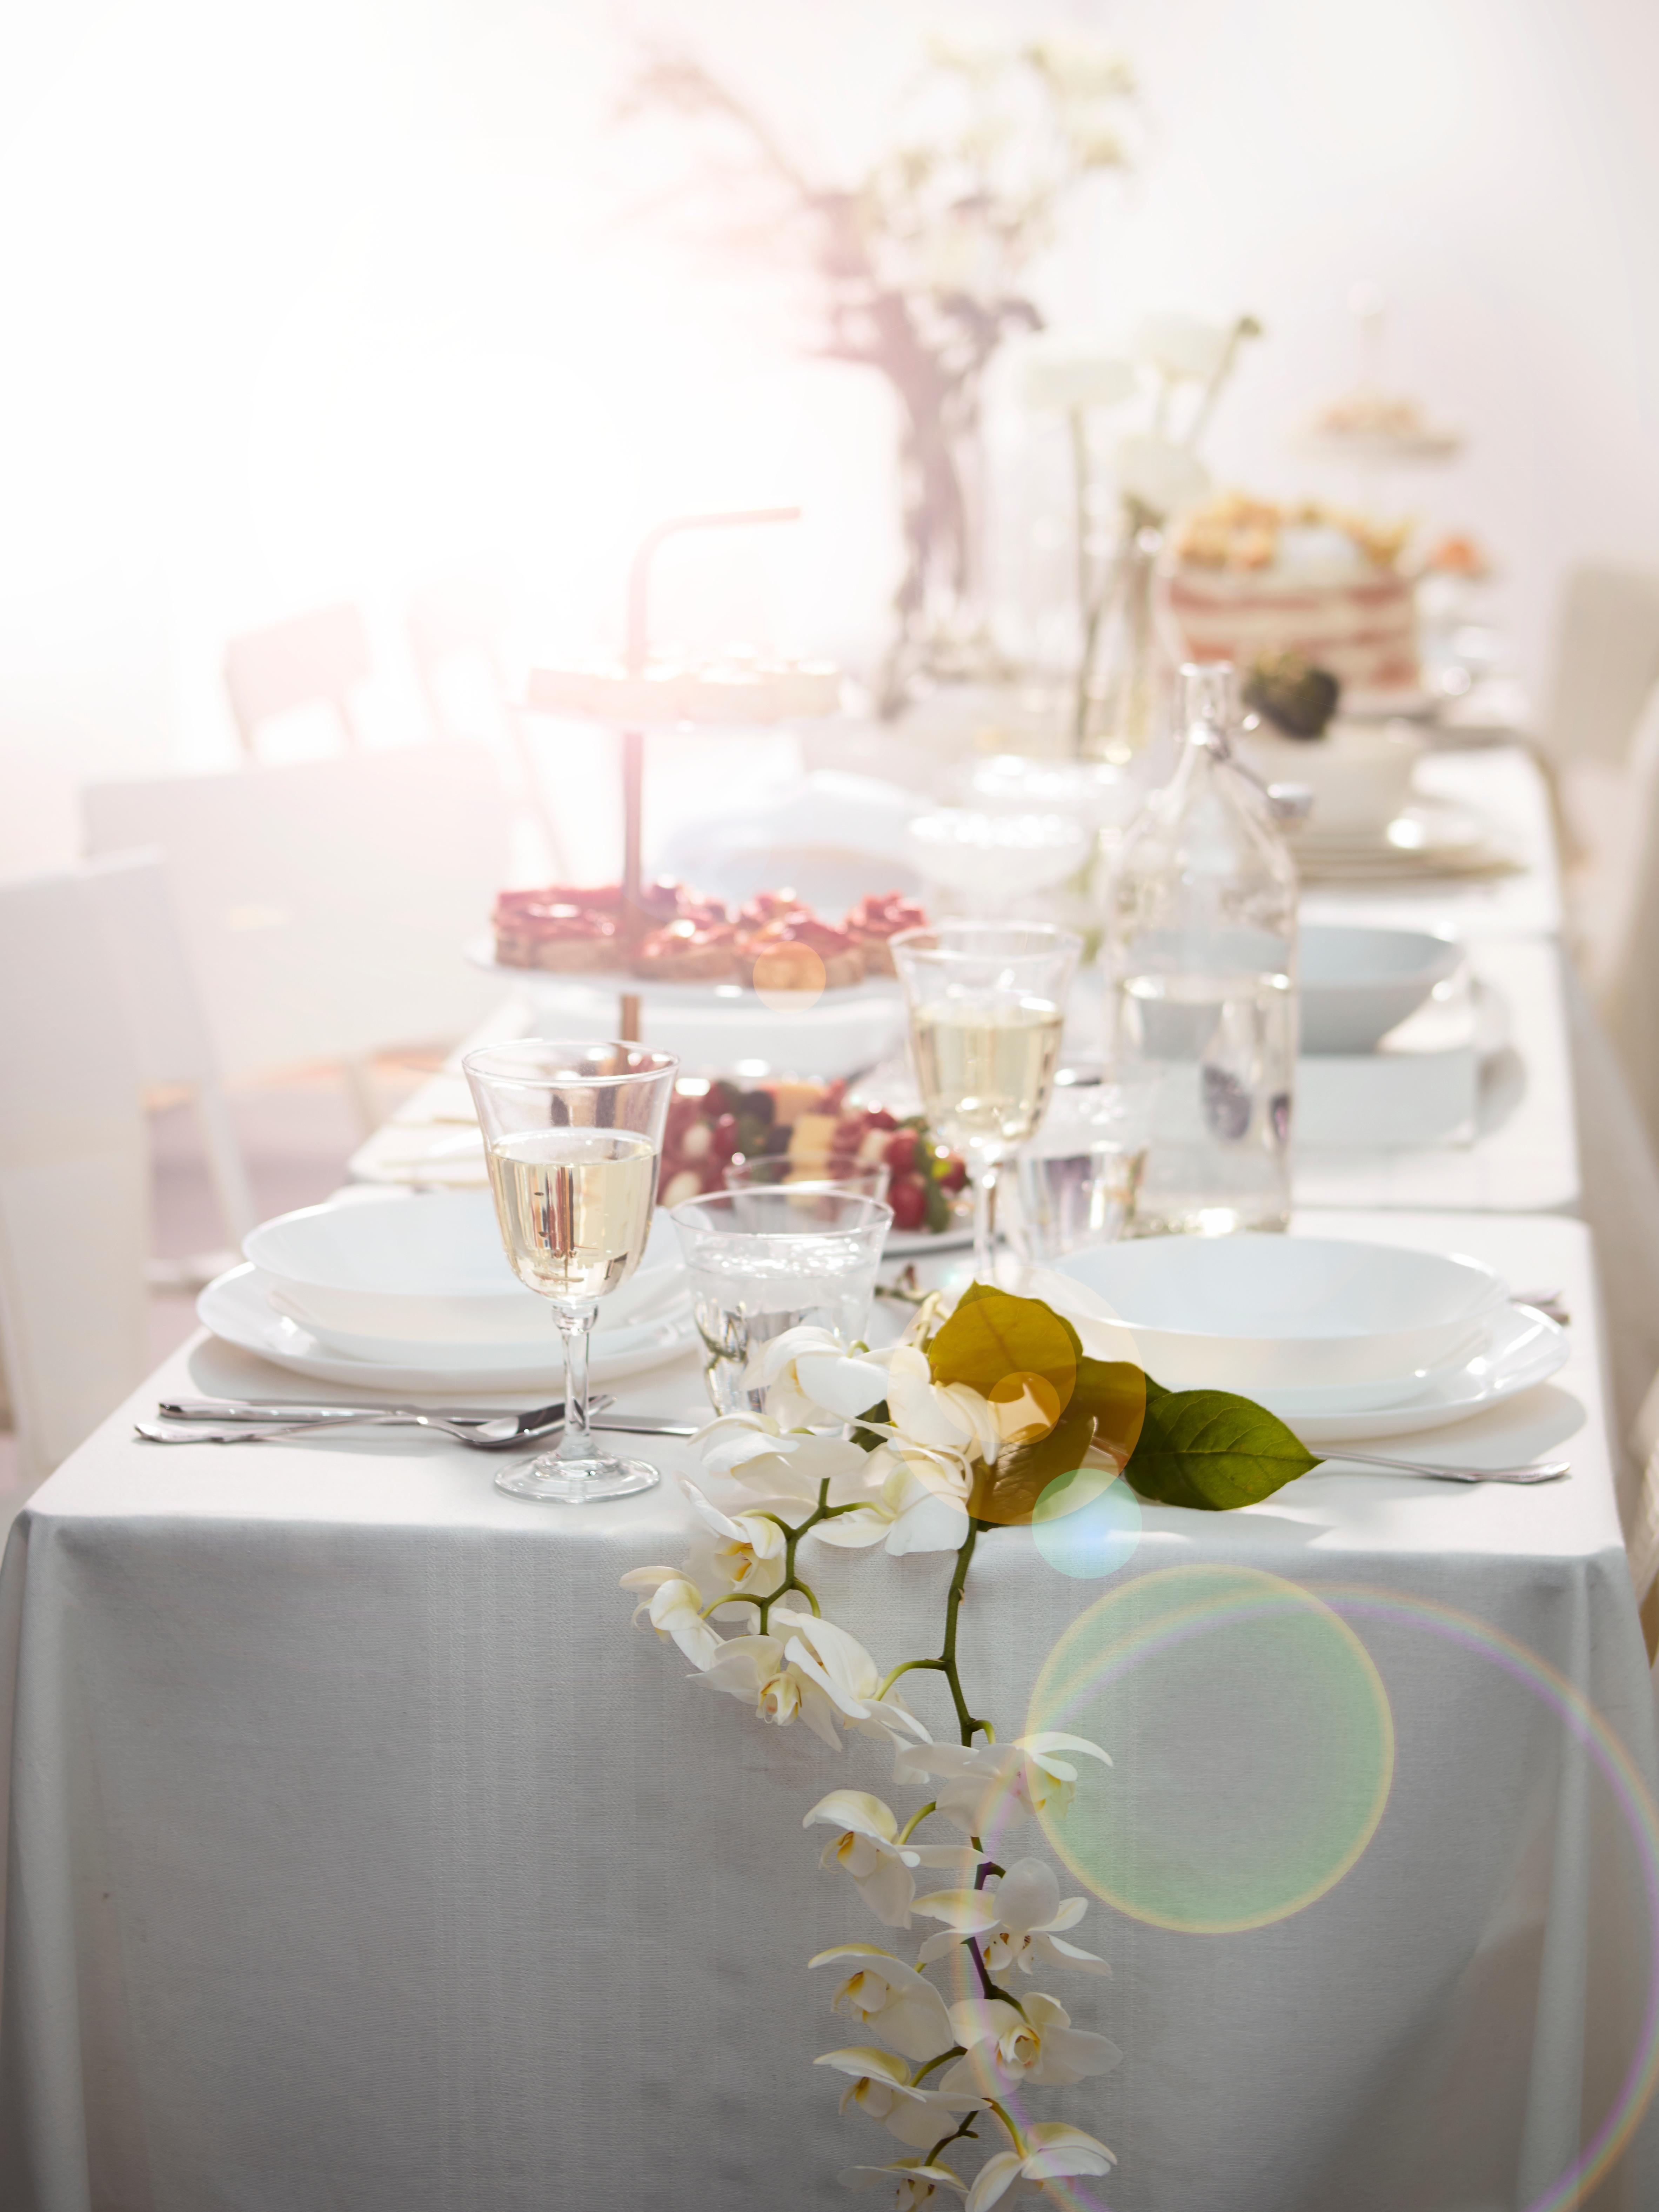 OFTAST bijeli tanjuri na stolu obasjanom suncem, pripremljeni za svečanu večeru sa stolnjakom i čašama za vino.